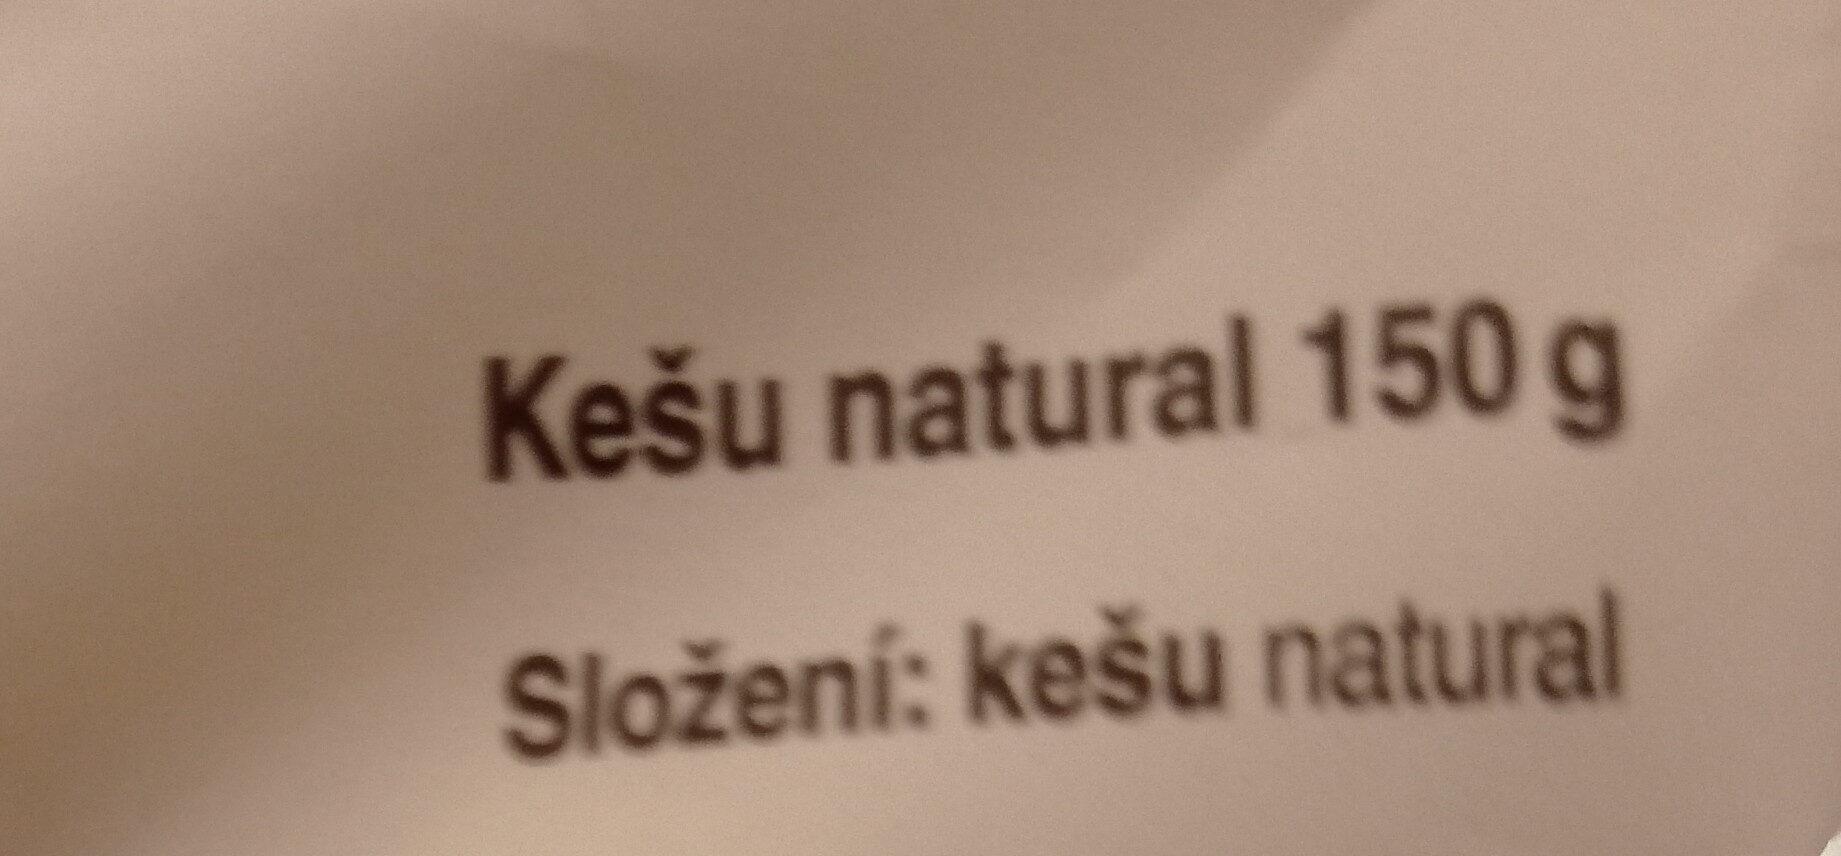 Kešu natural - Ingrédients - cs